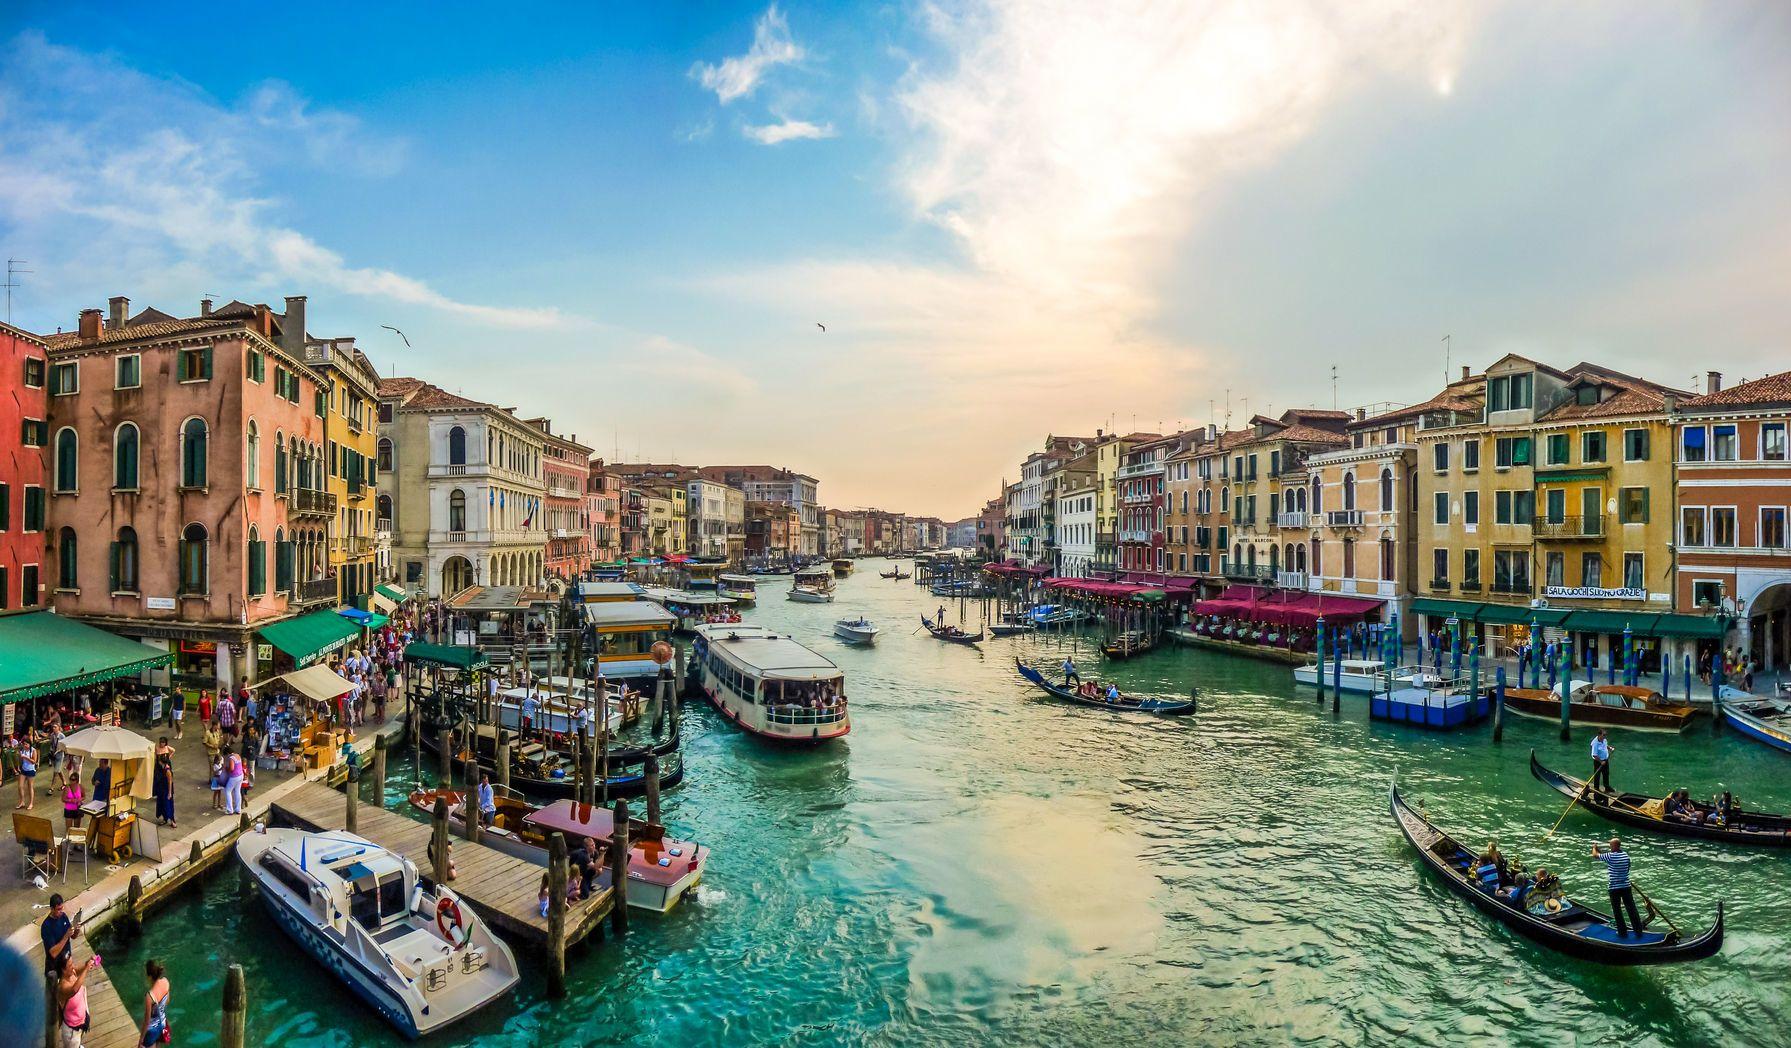 Benátky v Itálii - parkování, doprava